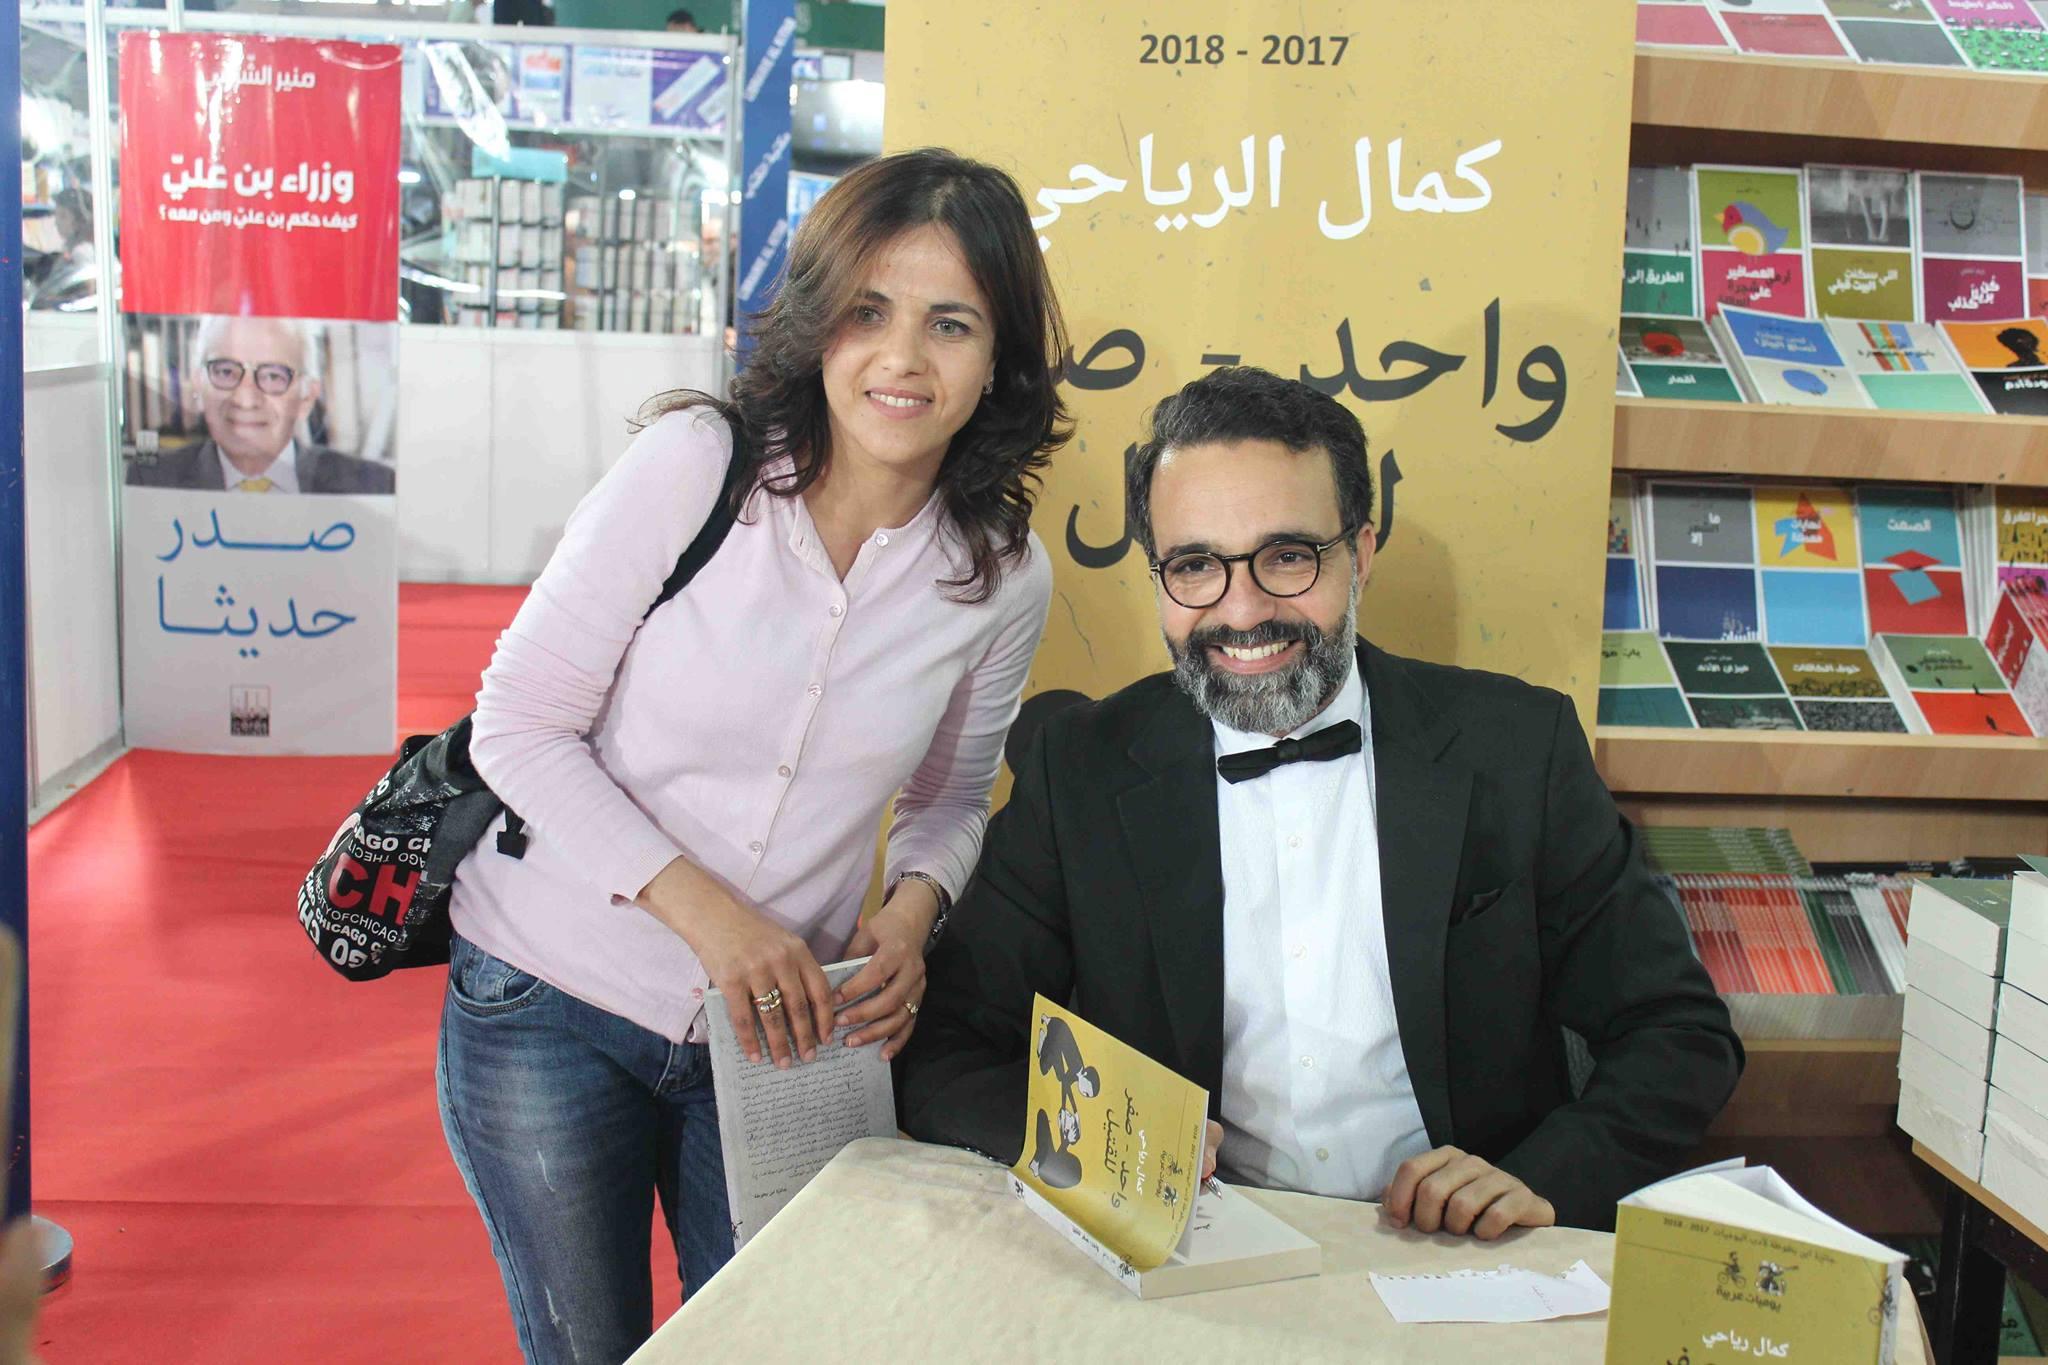 كمال الرياحى يوقع كتابه واحد صفر للقتيل الفائز بجائزة ابن بطوطة فى معرض تونس (17)